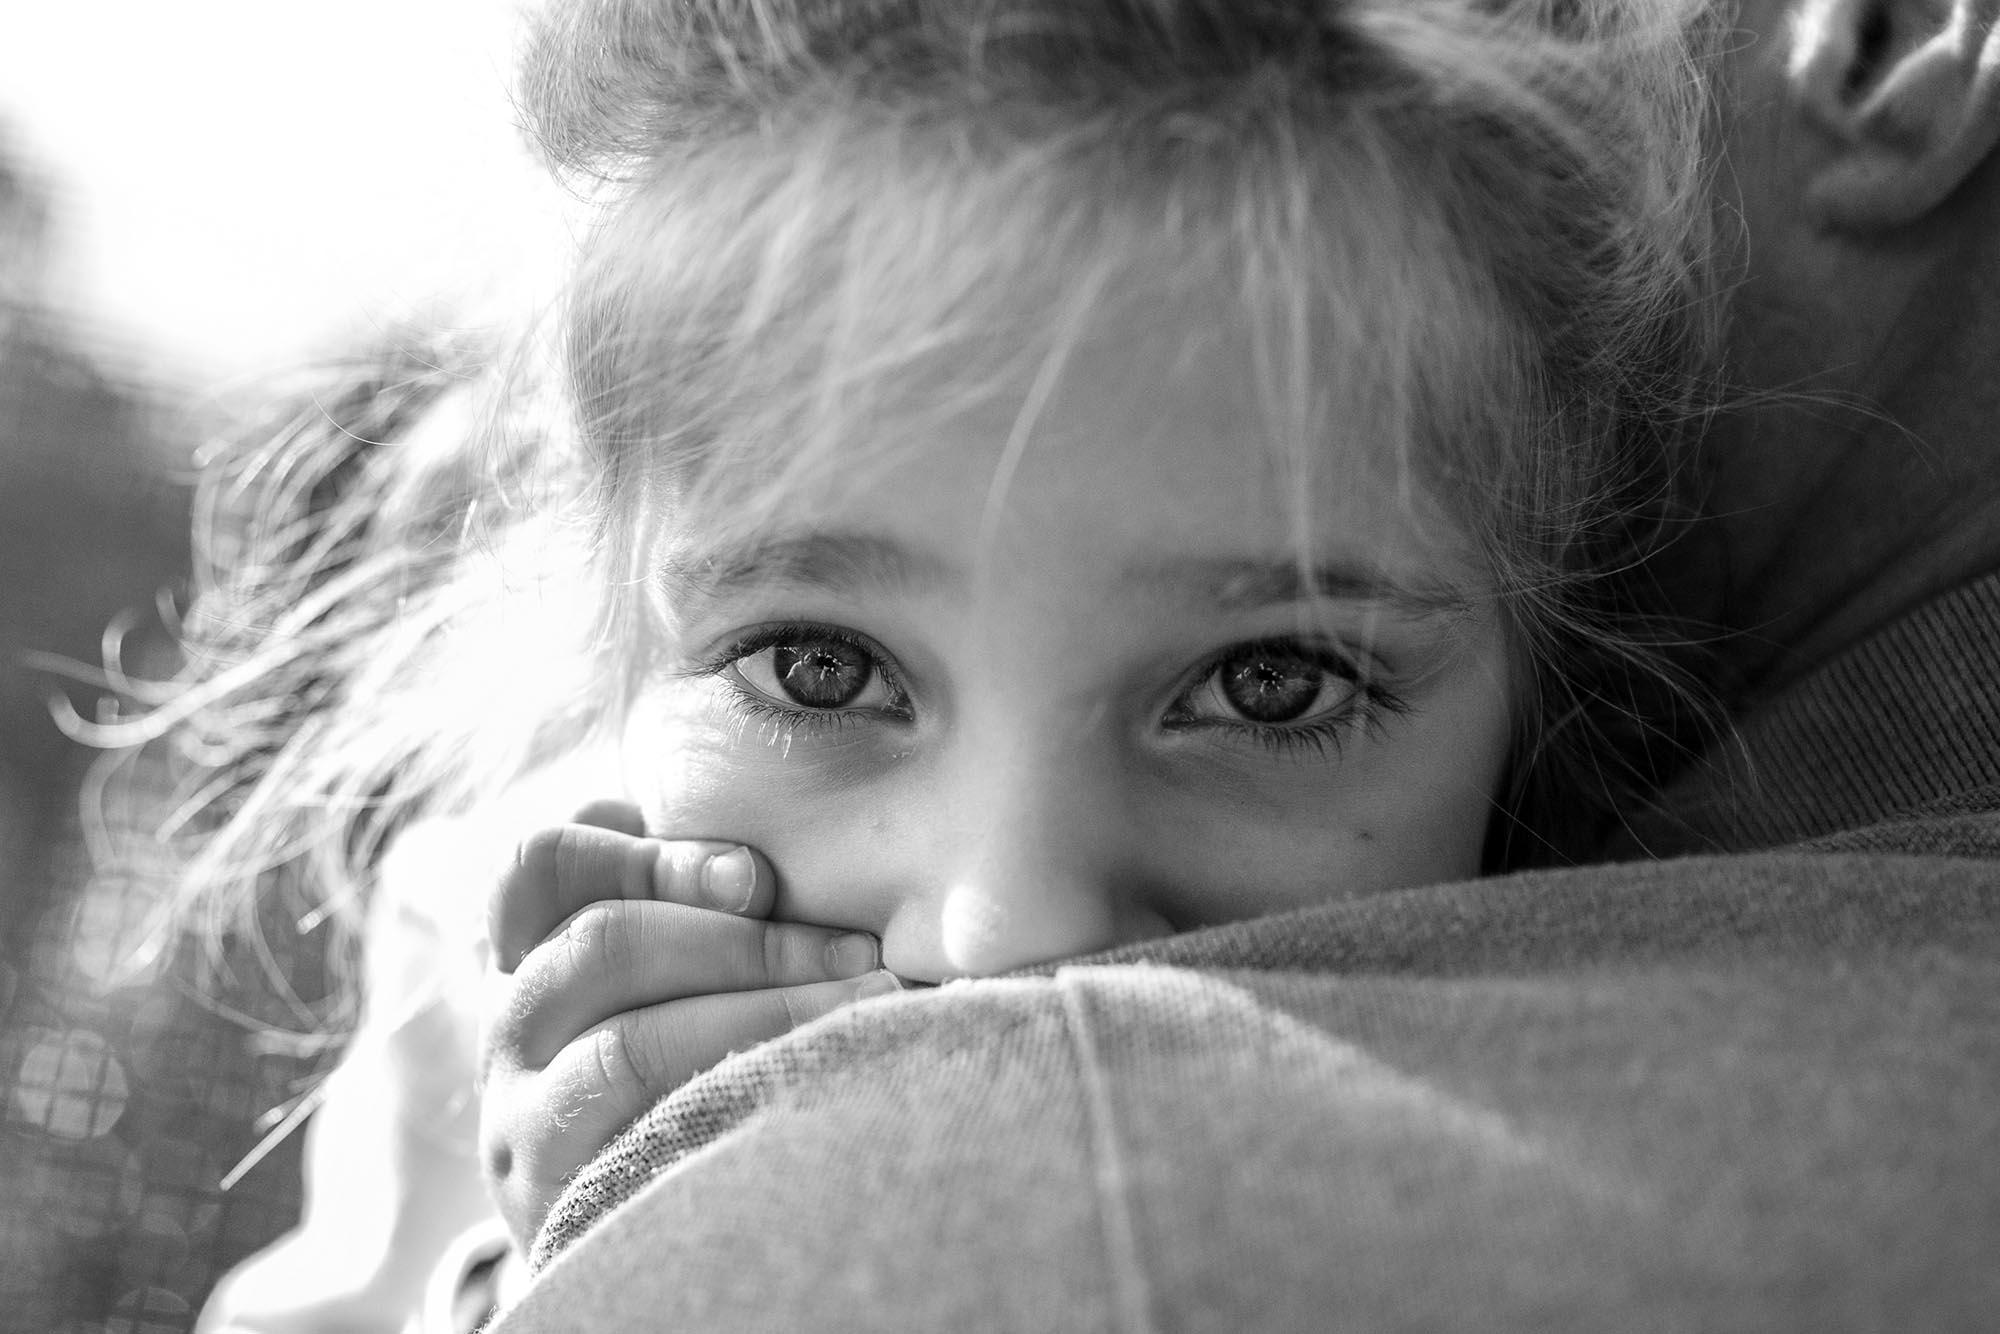 történetmesélő dokumentarista család fotózás családfotózás feketefehér gyerek familyphotojournalism familydocumentary boncsér szuzi és a naplopók